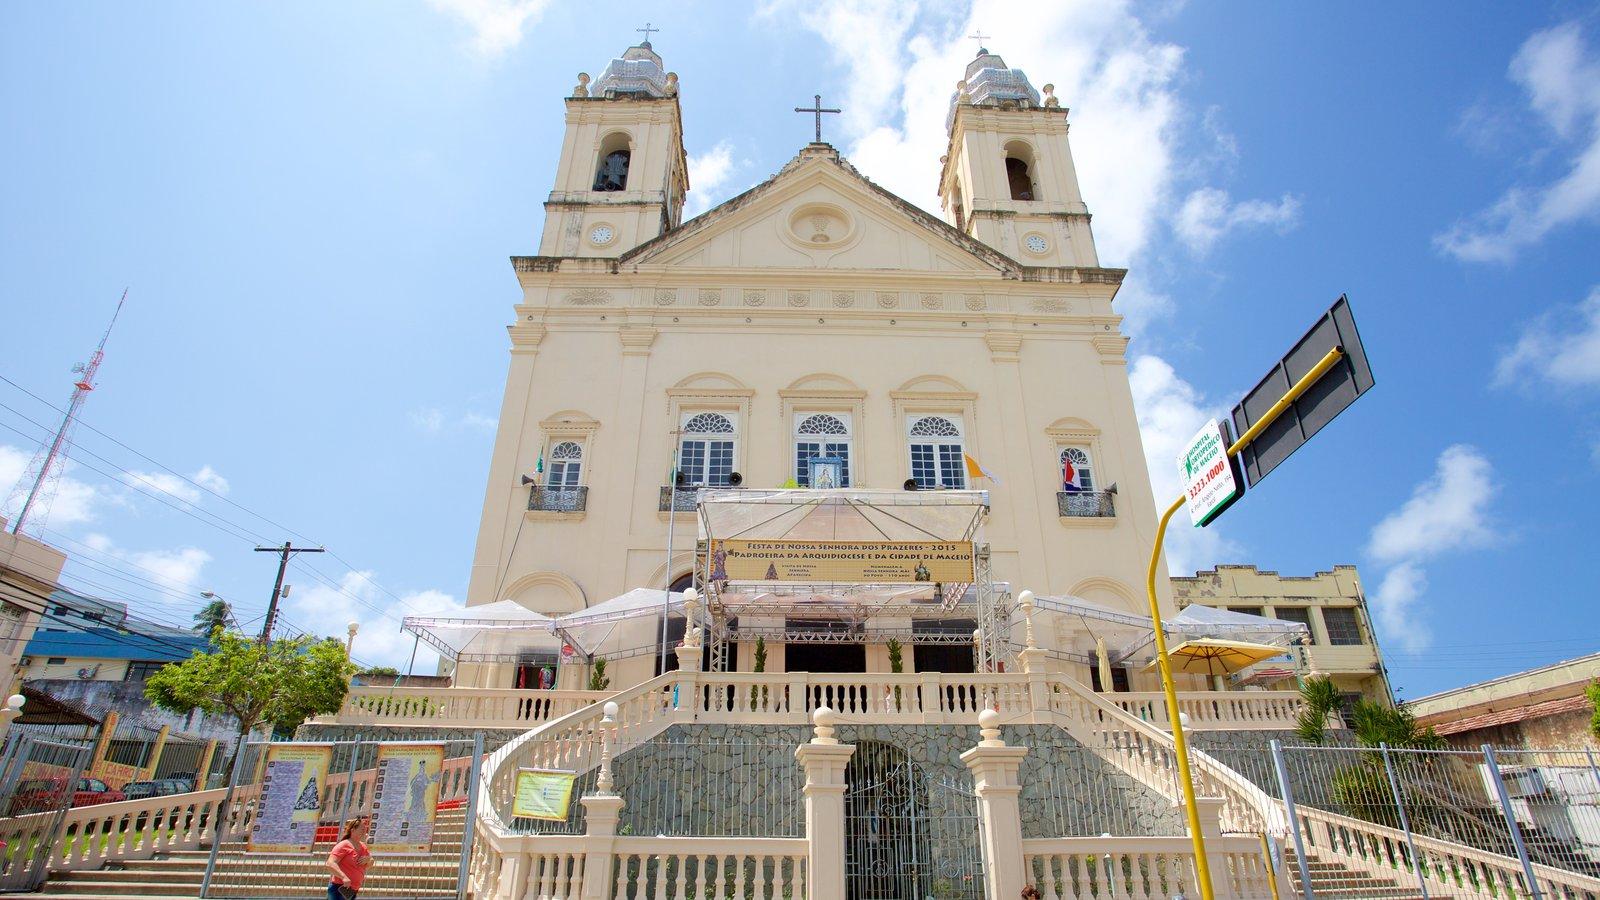 Catedral Metropolitana de Maceió mostrando aspectos religiosos, uma igreja ou catedral e elementos de patrimônio